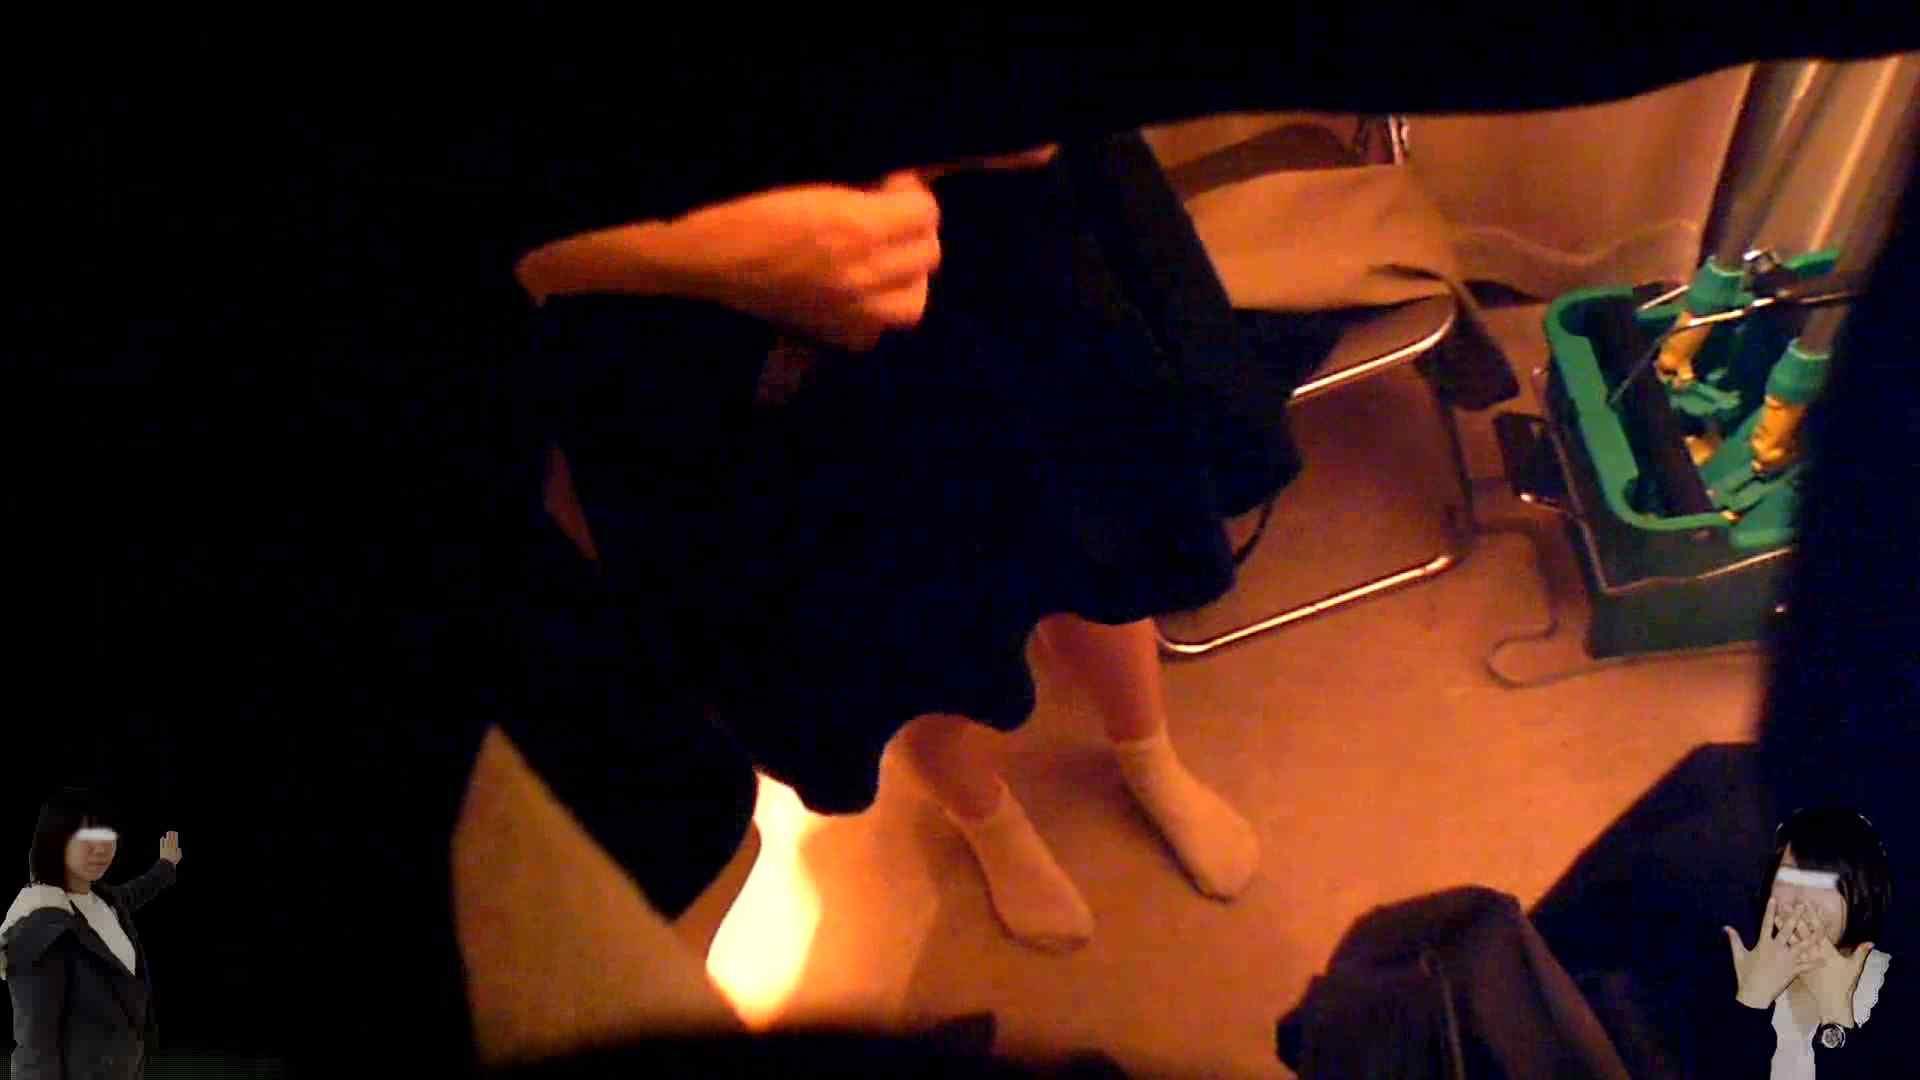 素人投稿 現役「JD」Eちゃんの着替え Vol.04 素人丸裸 おまんこ無修正動画無料 107pic 82